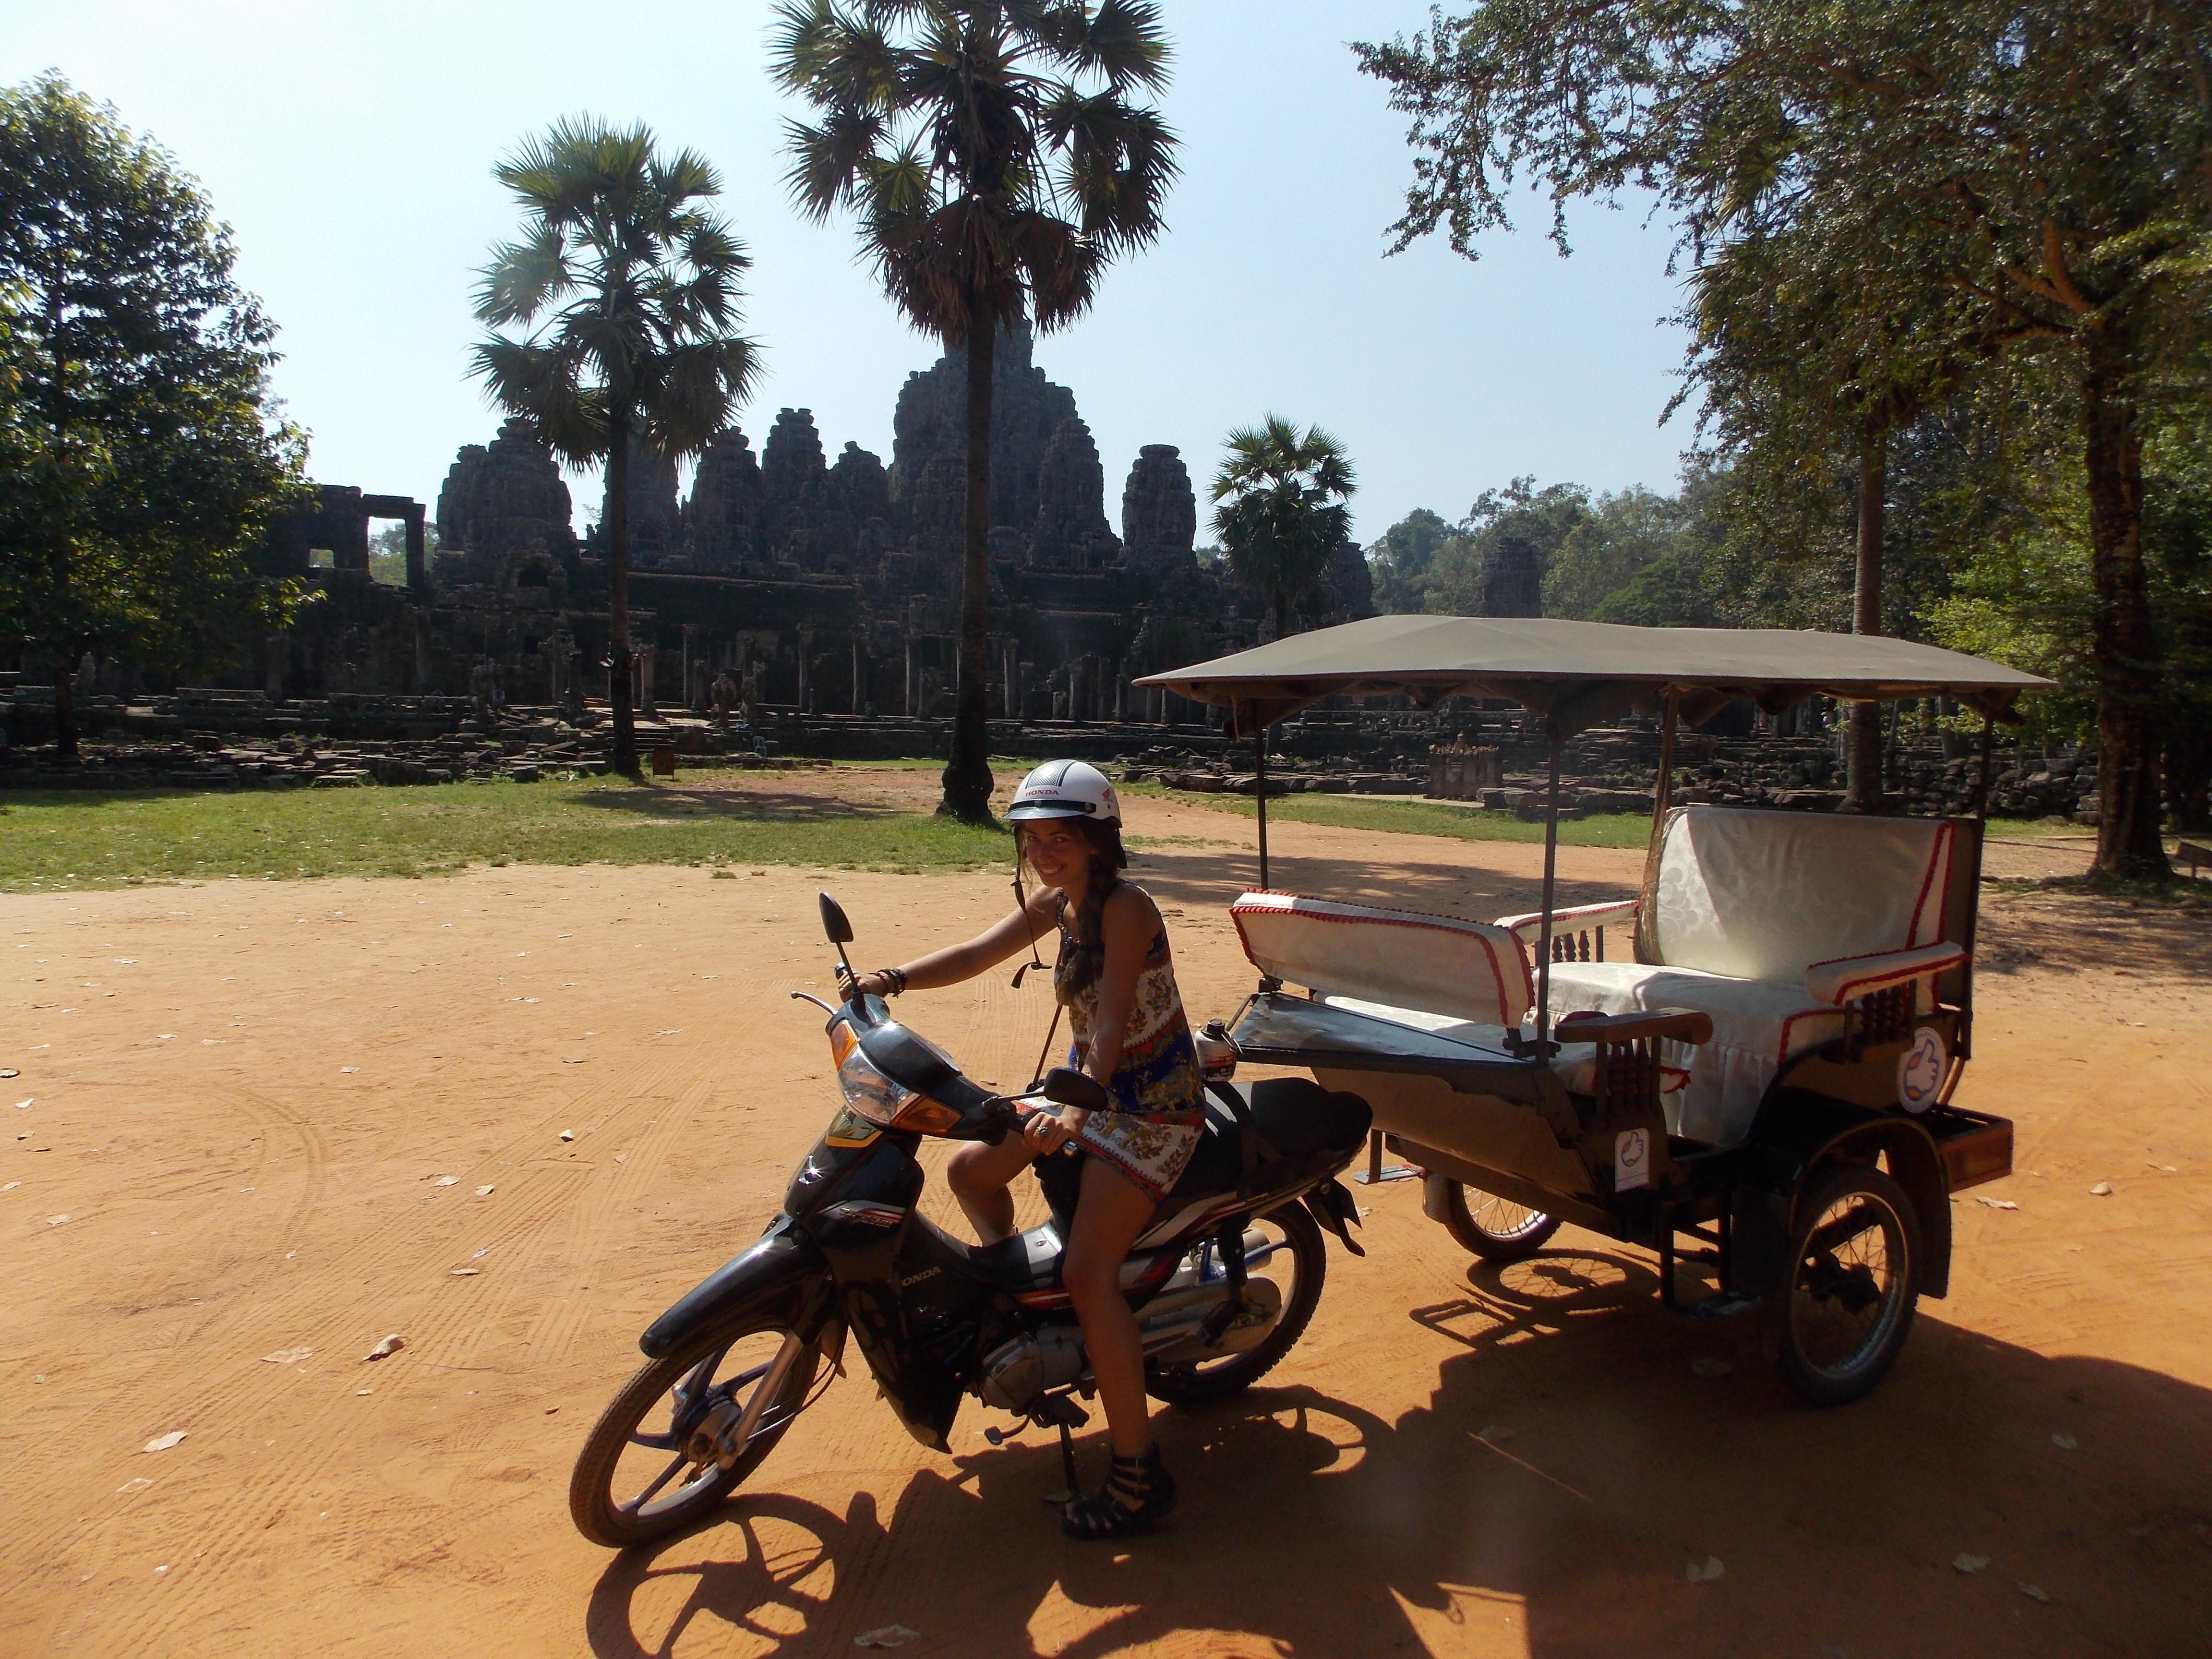 Angkor Wat in tuk tuk